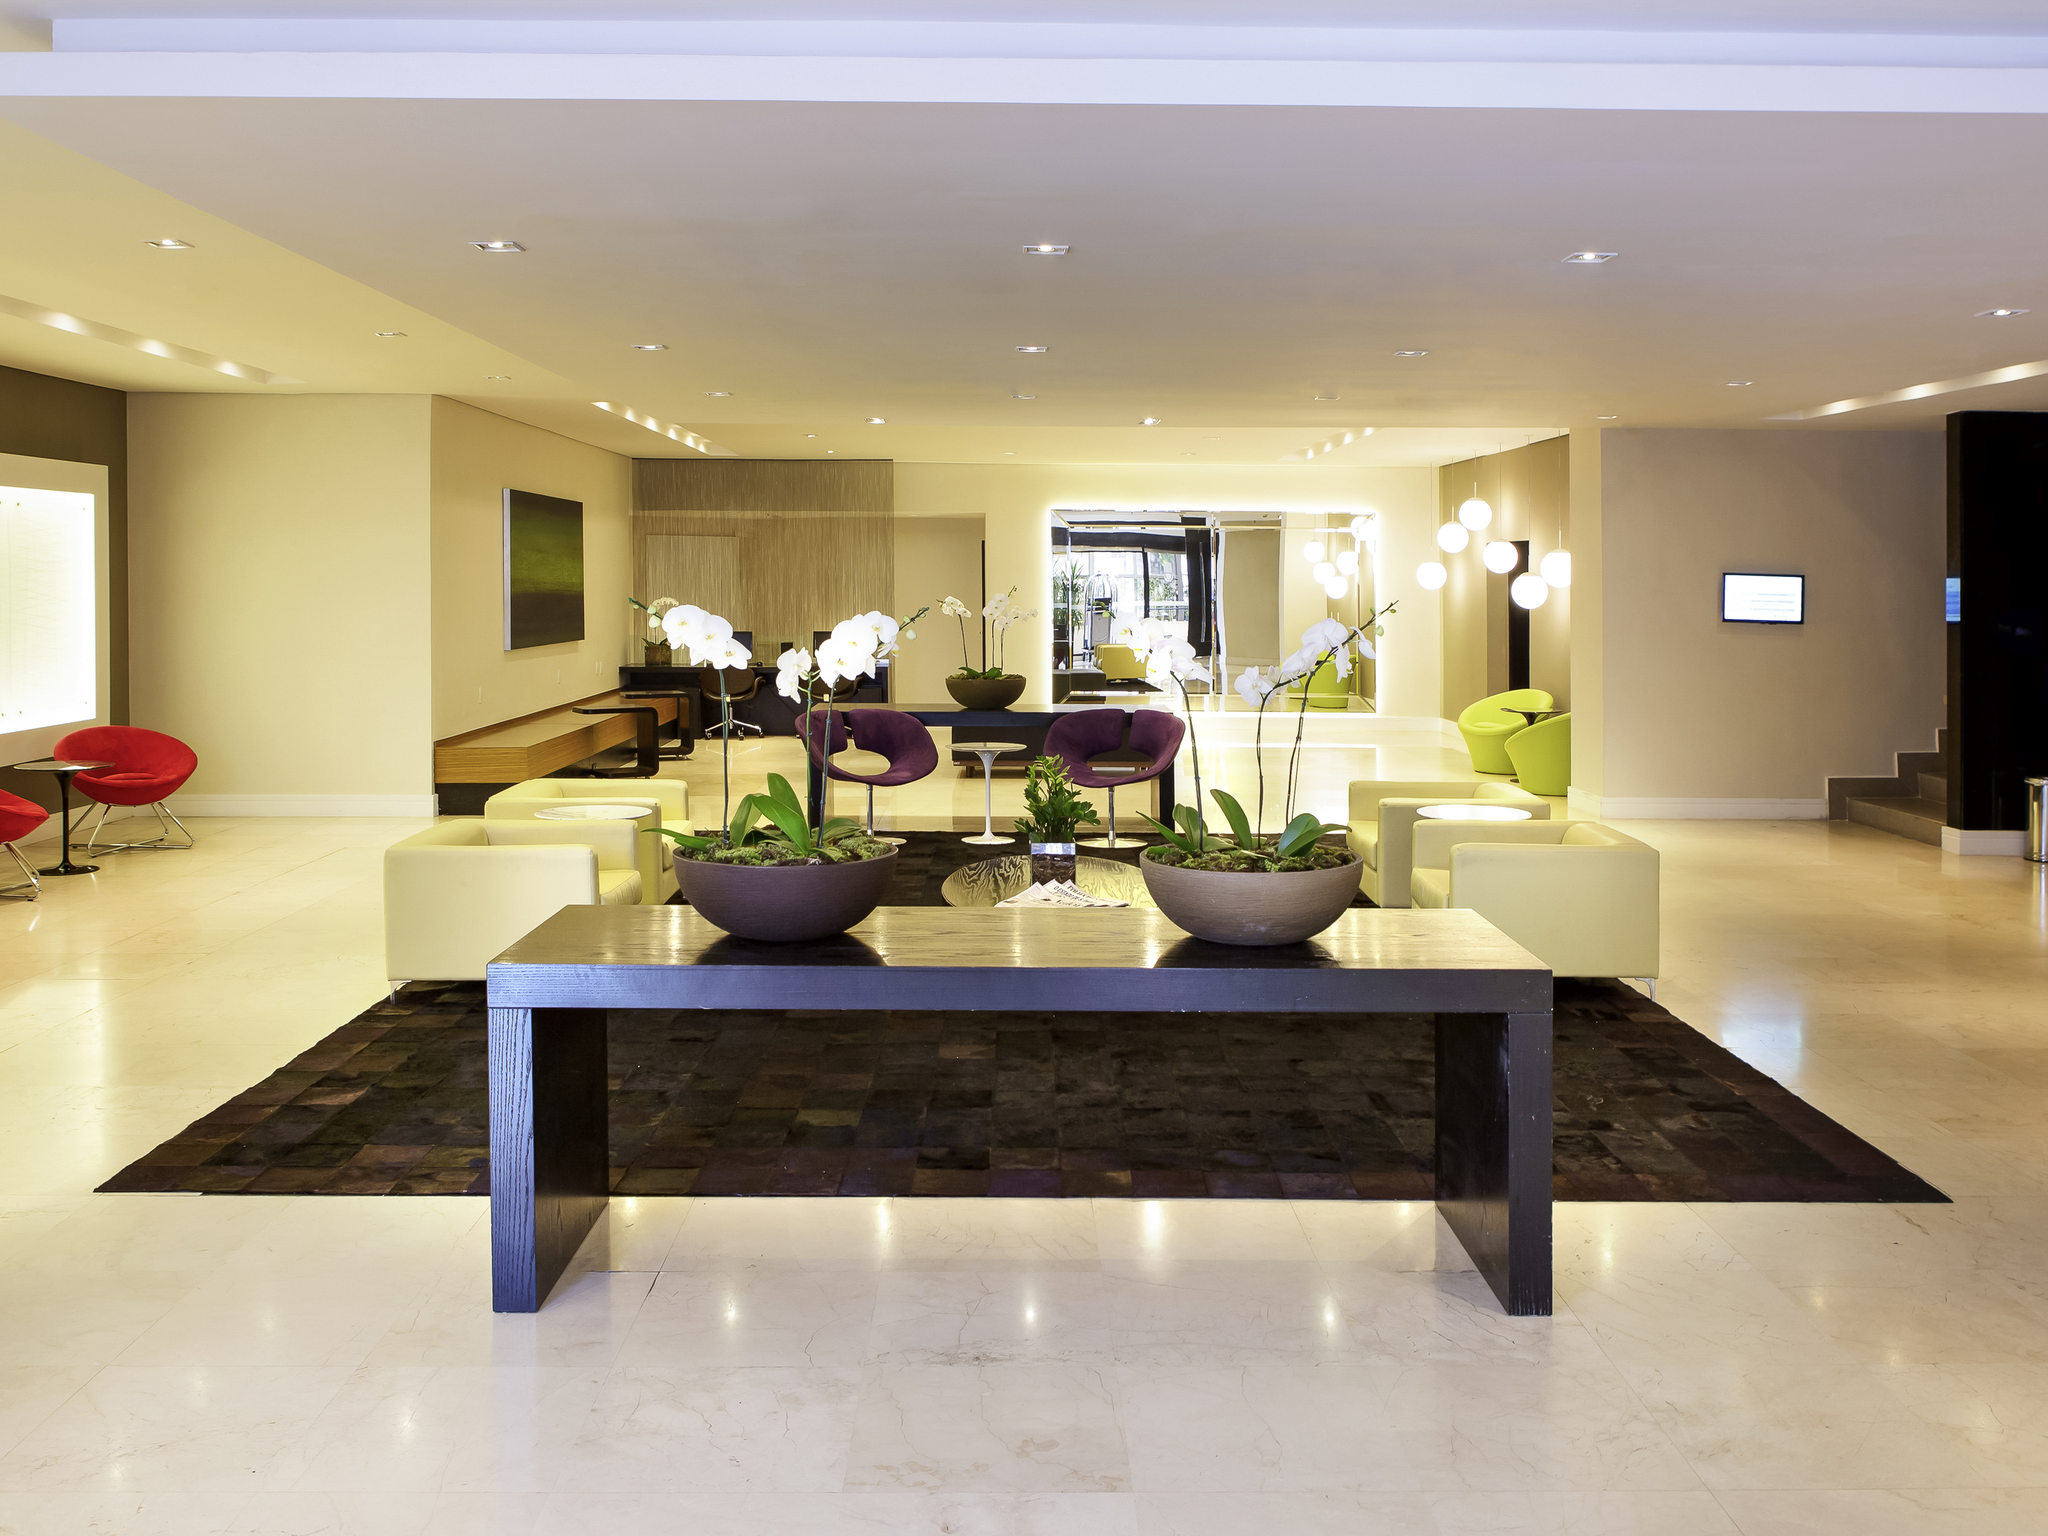 โรงแรม – Hotel Belas Artes SP Paulista - Managed by AccorHotels